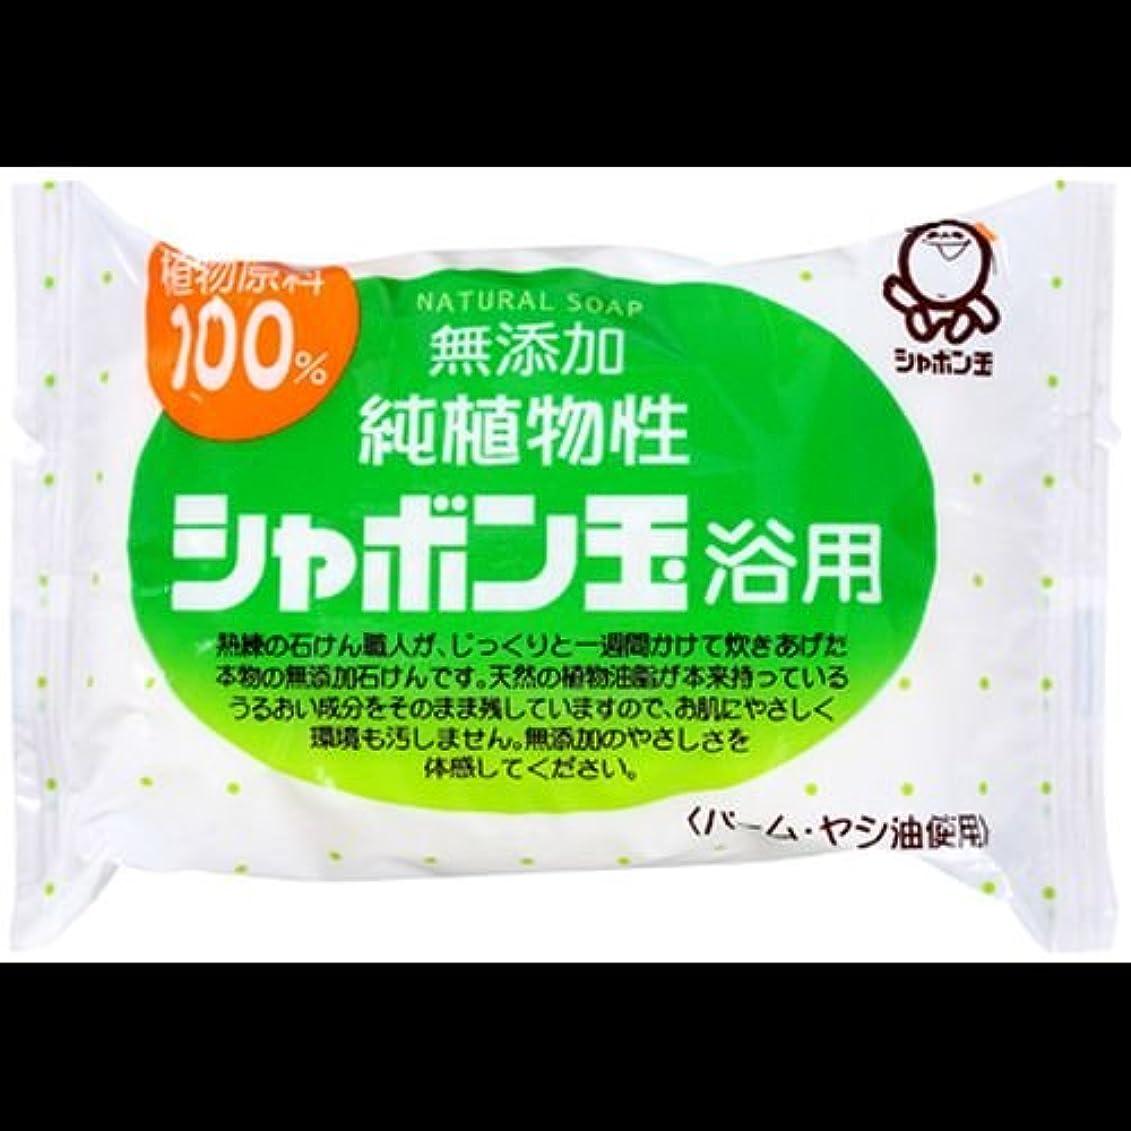 気絶させる除外する惨めな【まとめ買い】シャボン玉 無添加 純植物性 シャボン玉浴用石けん 純植物性 100g ×2セット